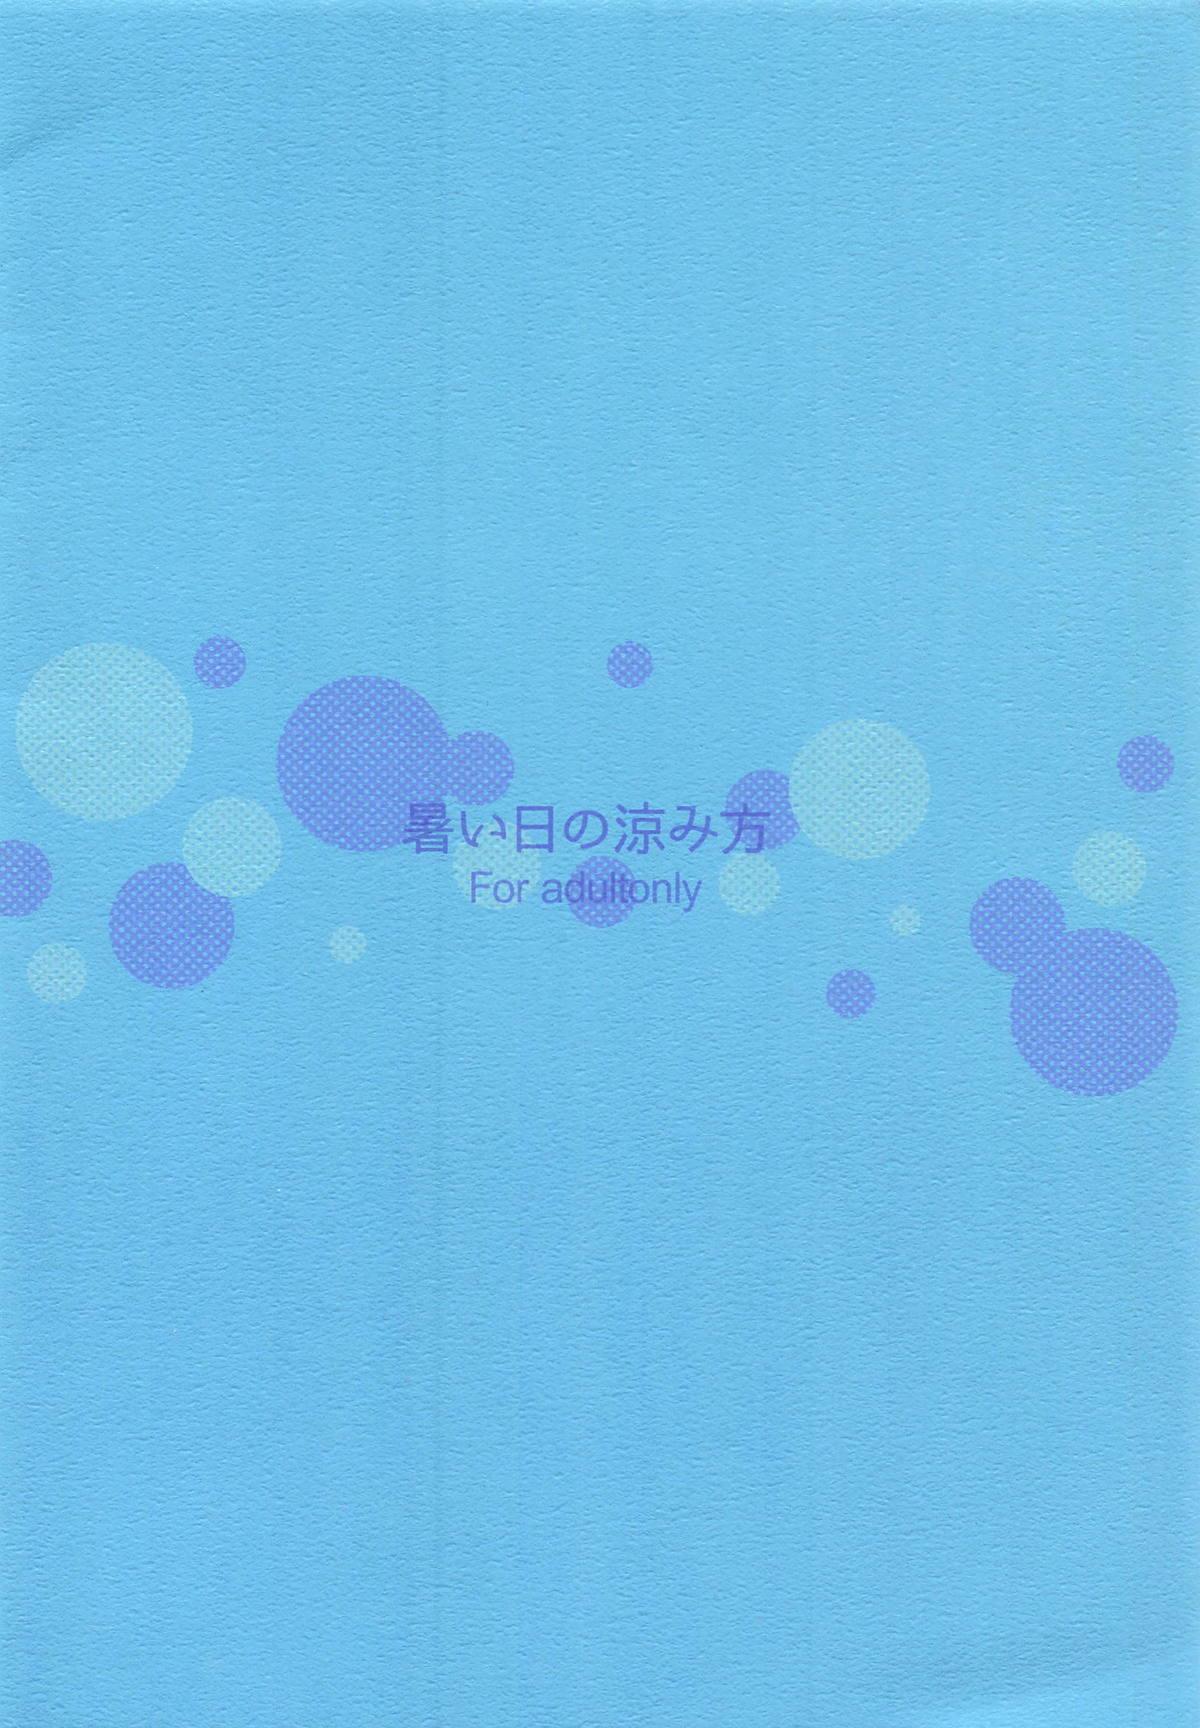 Atsui Hi no Suzumikata 9